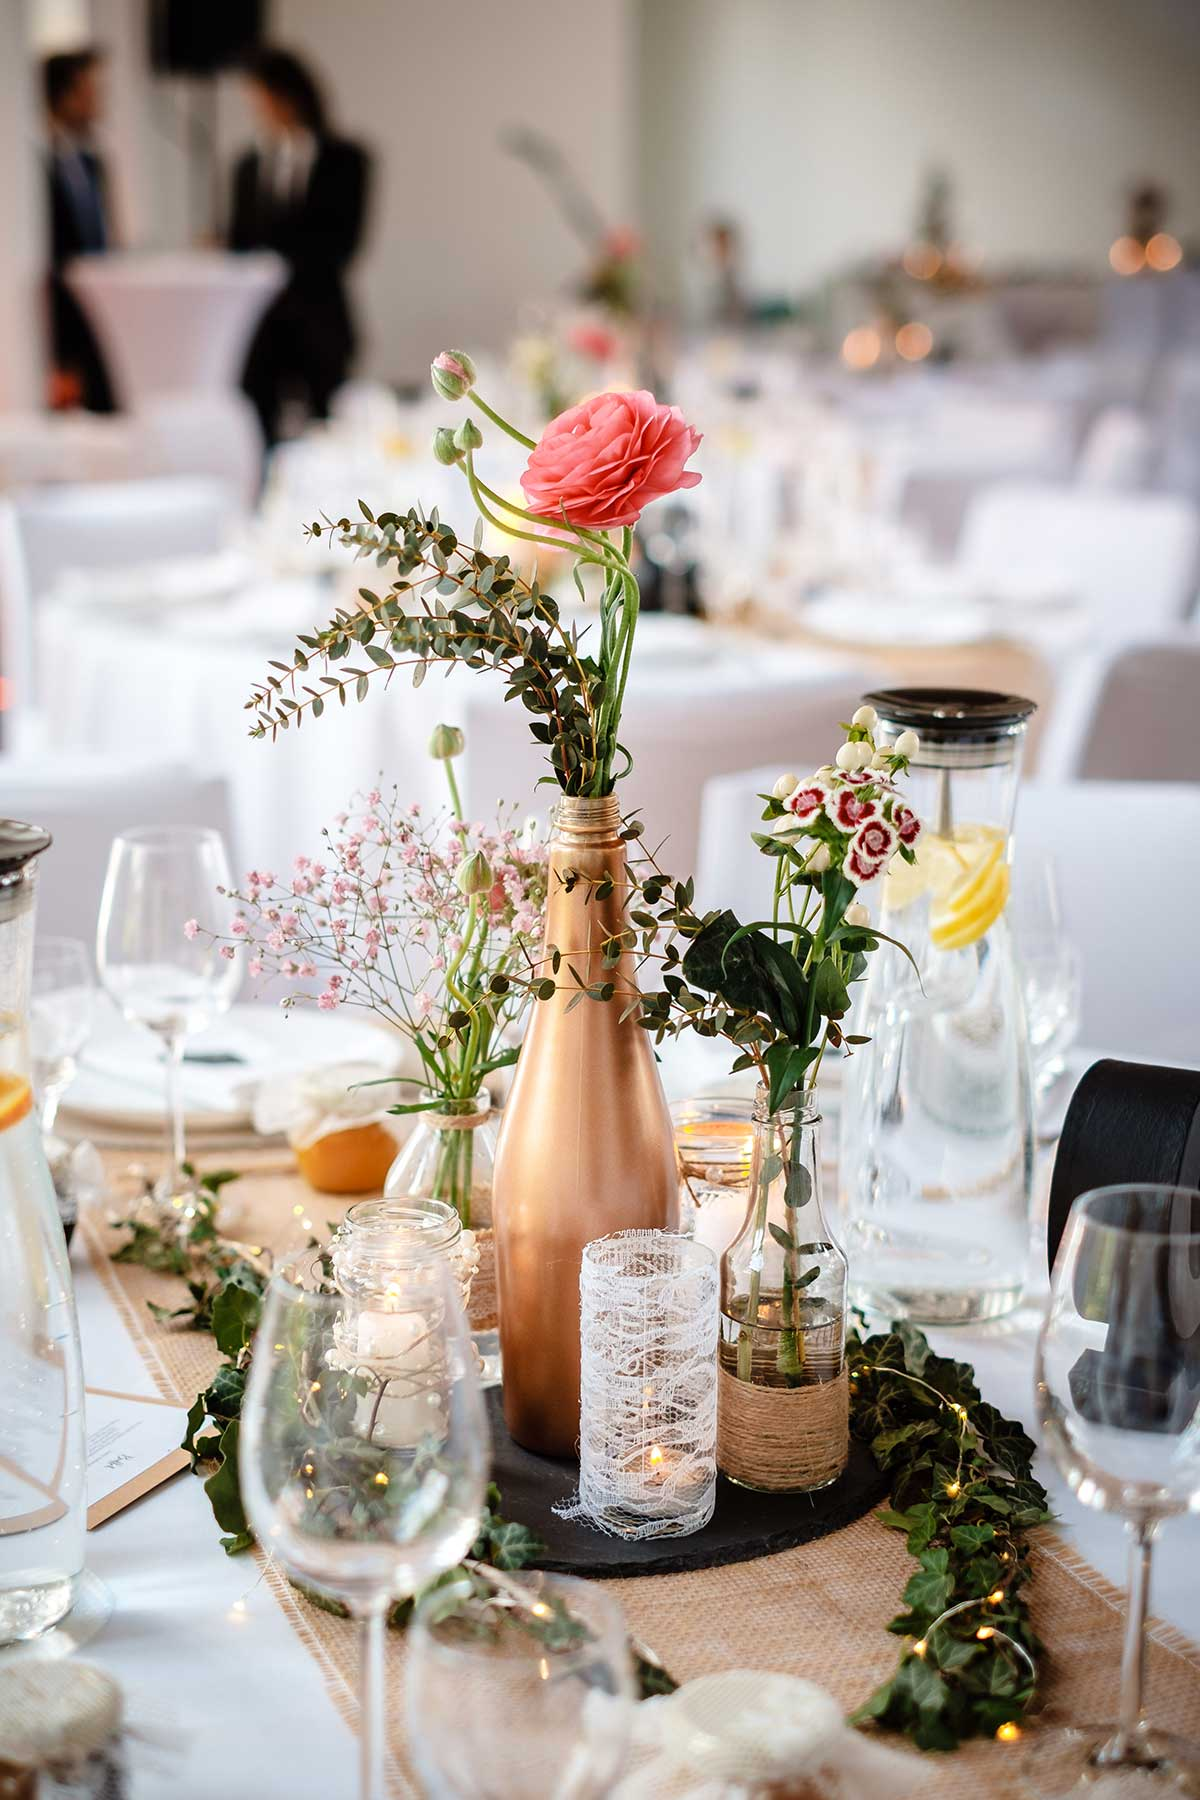 Tischdeko im Vintagestil mit einer Mischung aus eleganten Vasen